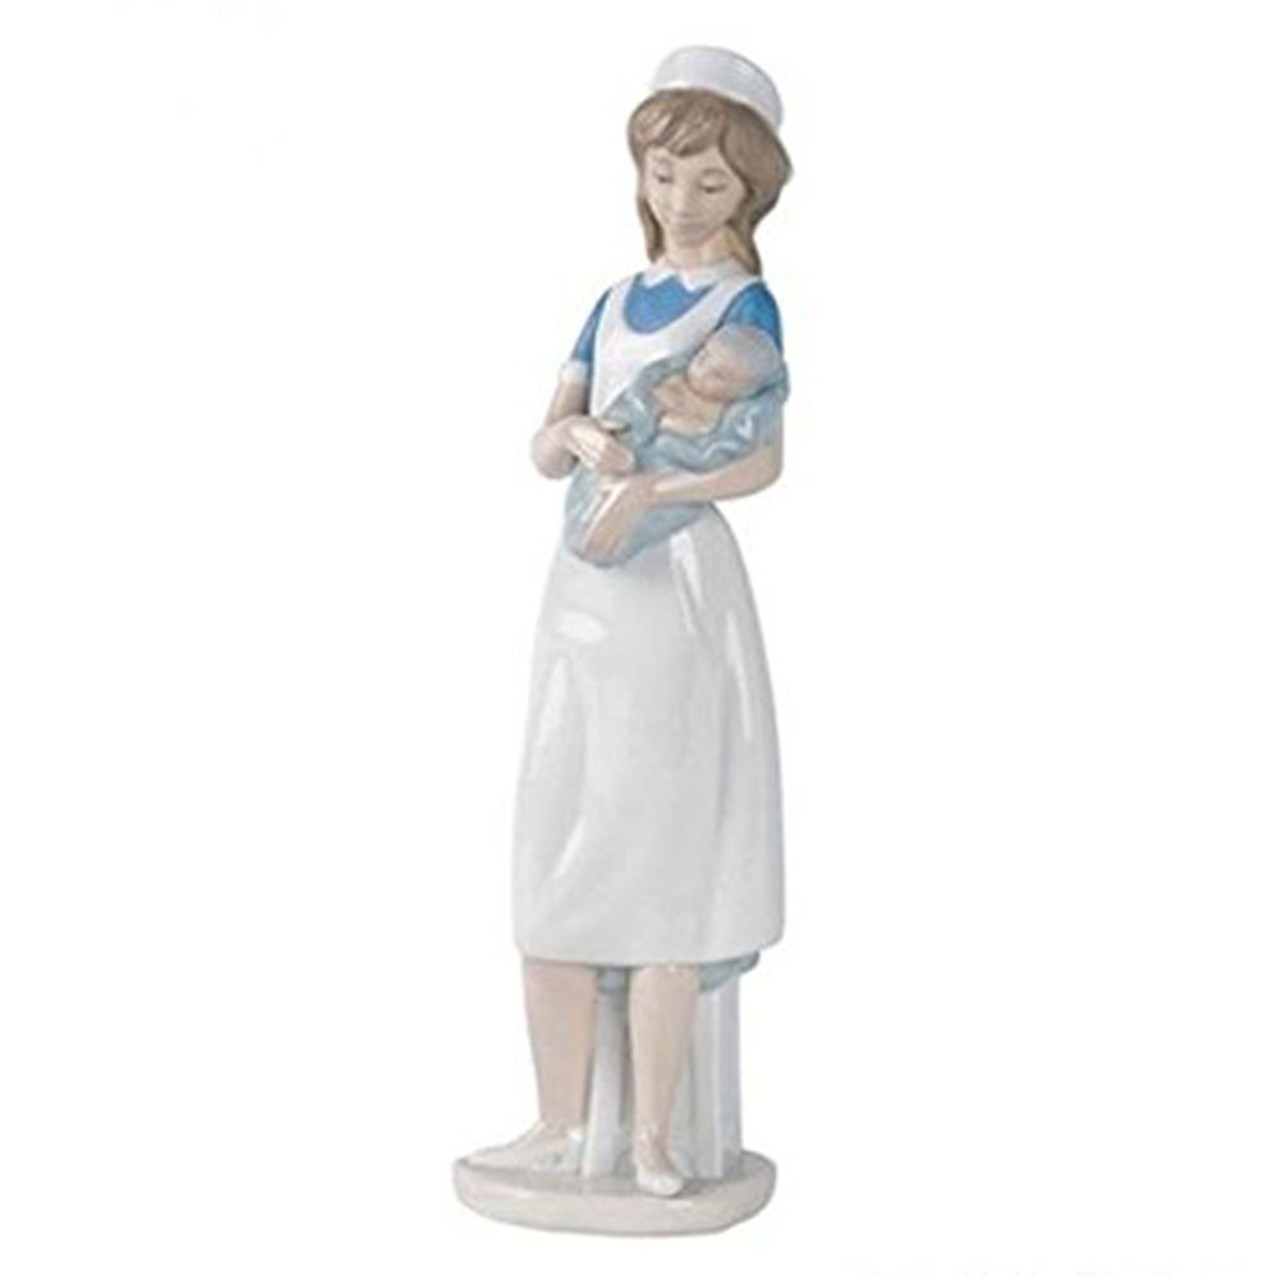 Nurse Lladro Figurine From Spain